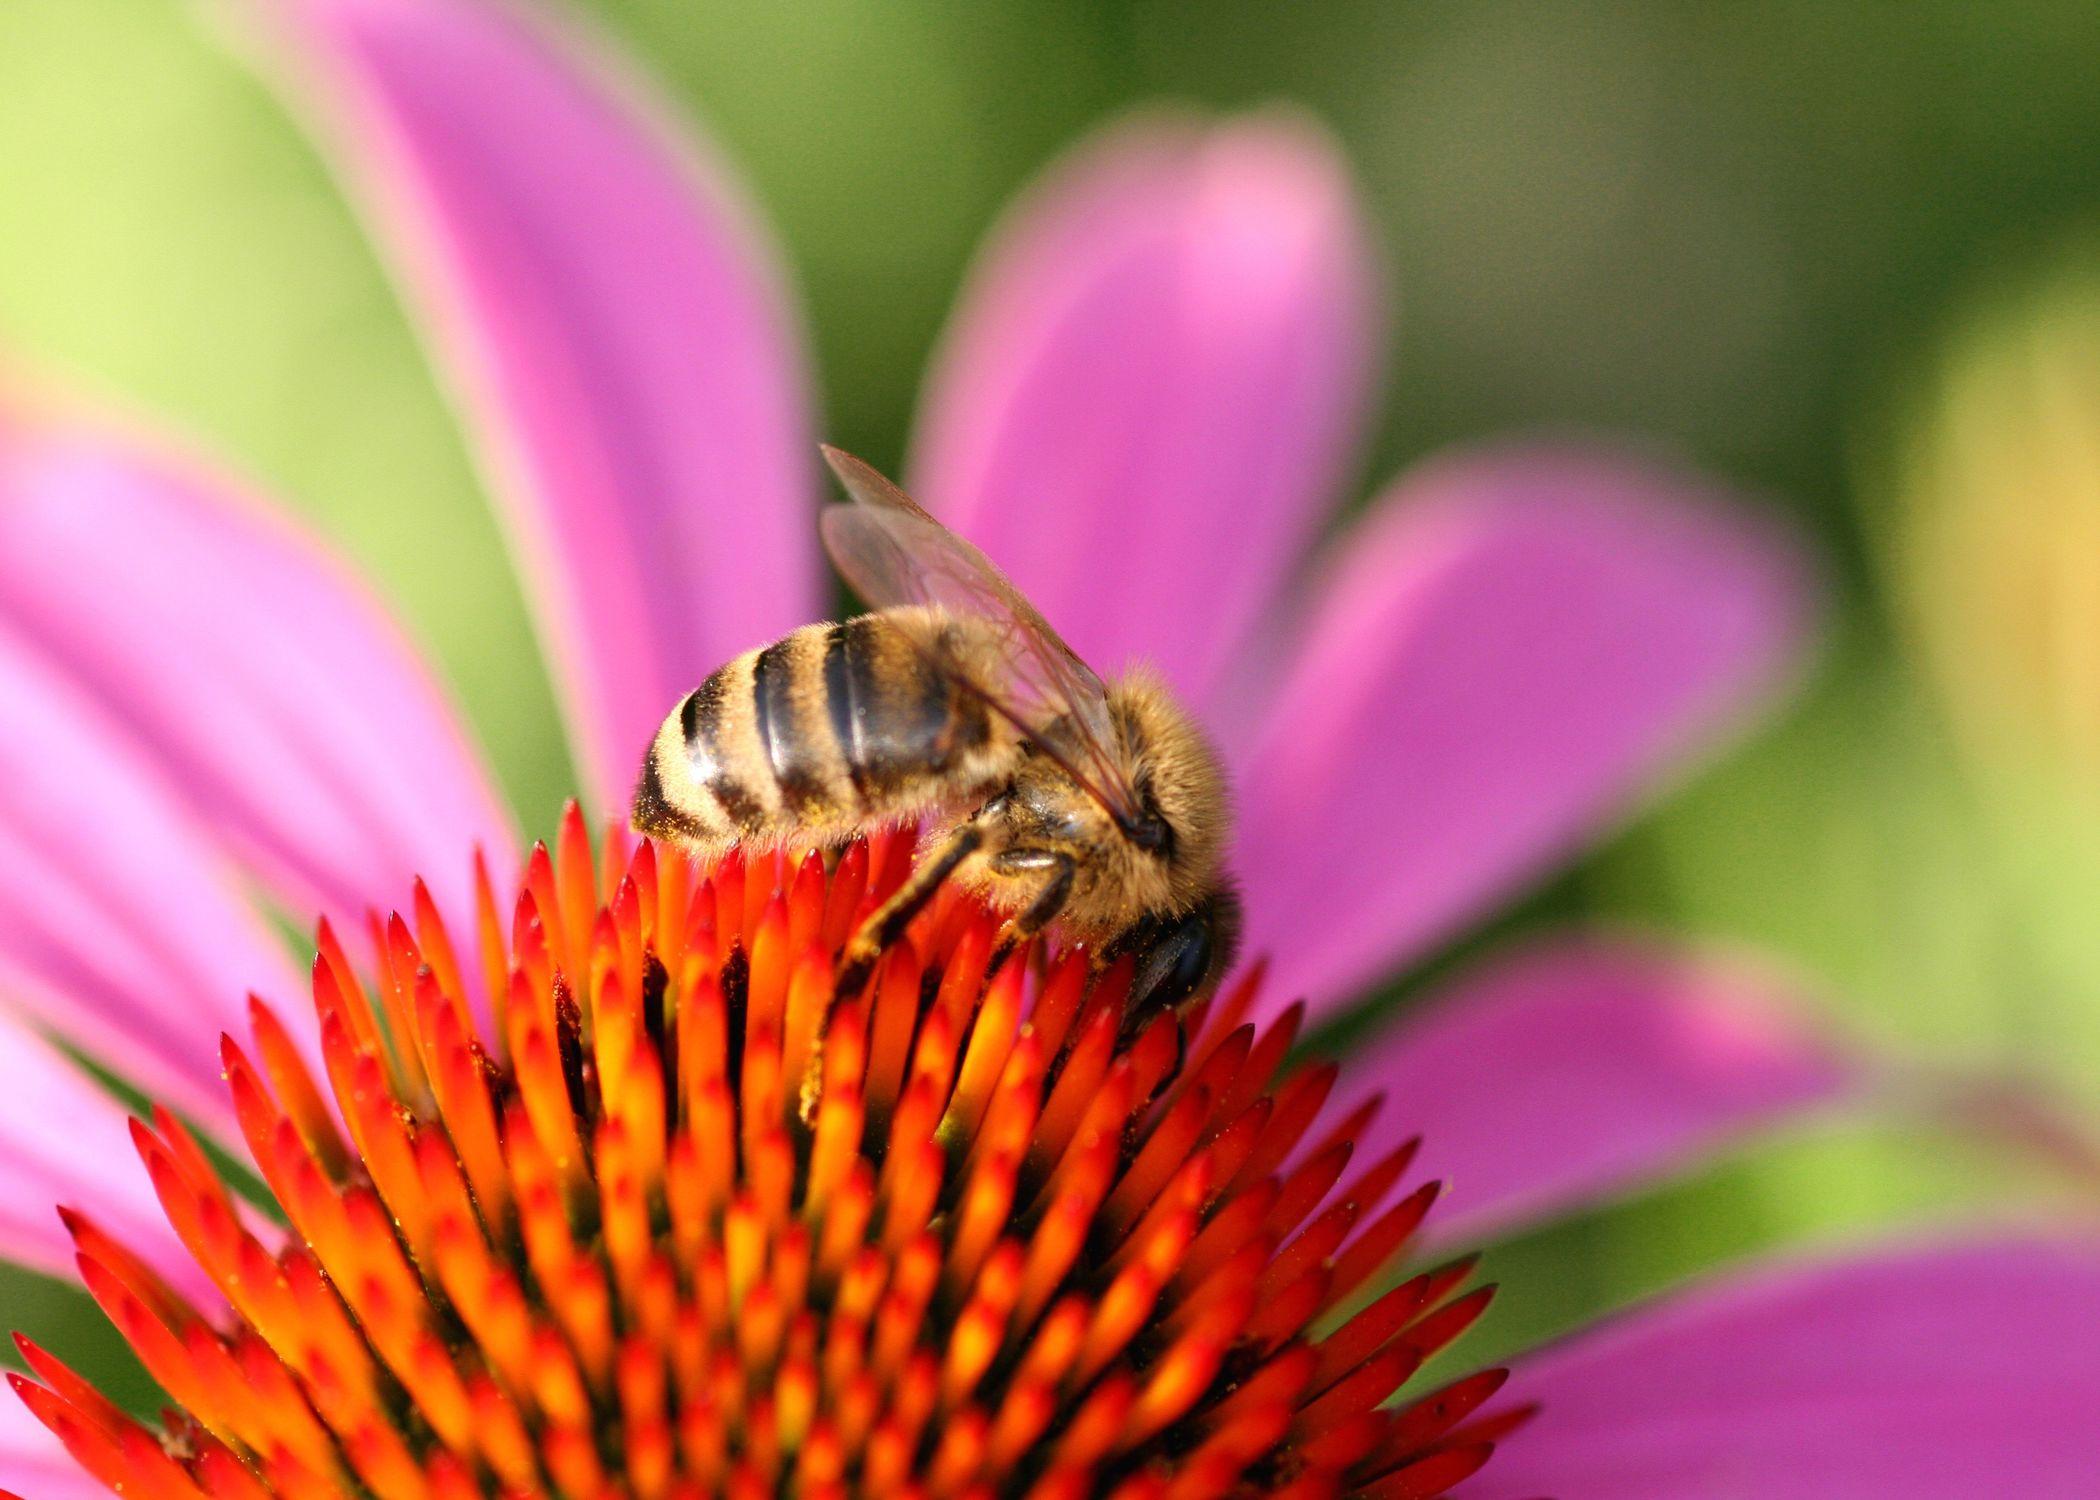 Bild mit Farben, Tiere, Natur, Pflanzen, Blumen, Rosa, Korbblütler, Insekten, Hautflügler, Bienen, Hummeln, Sonnenhüte, Biene